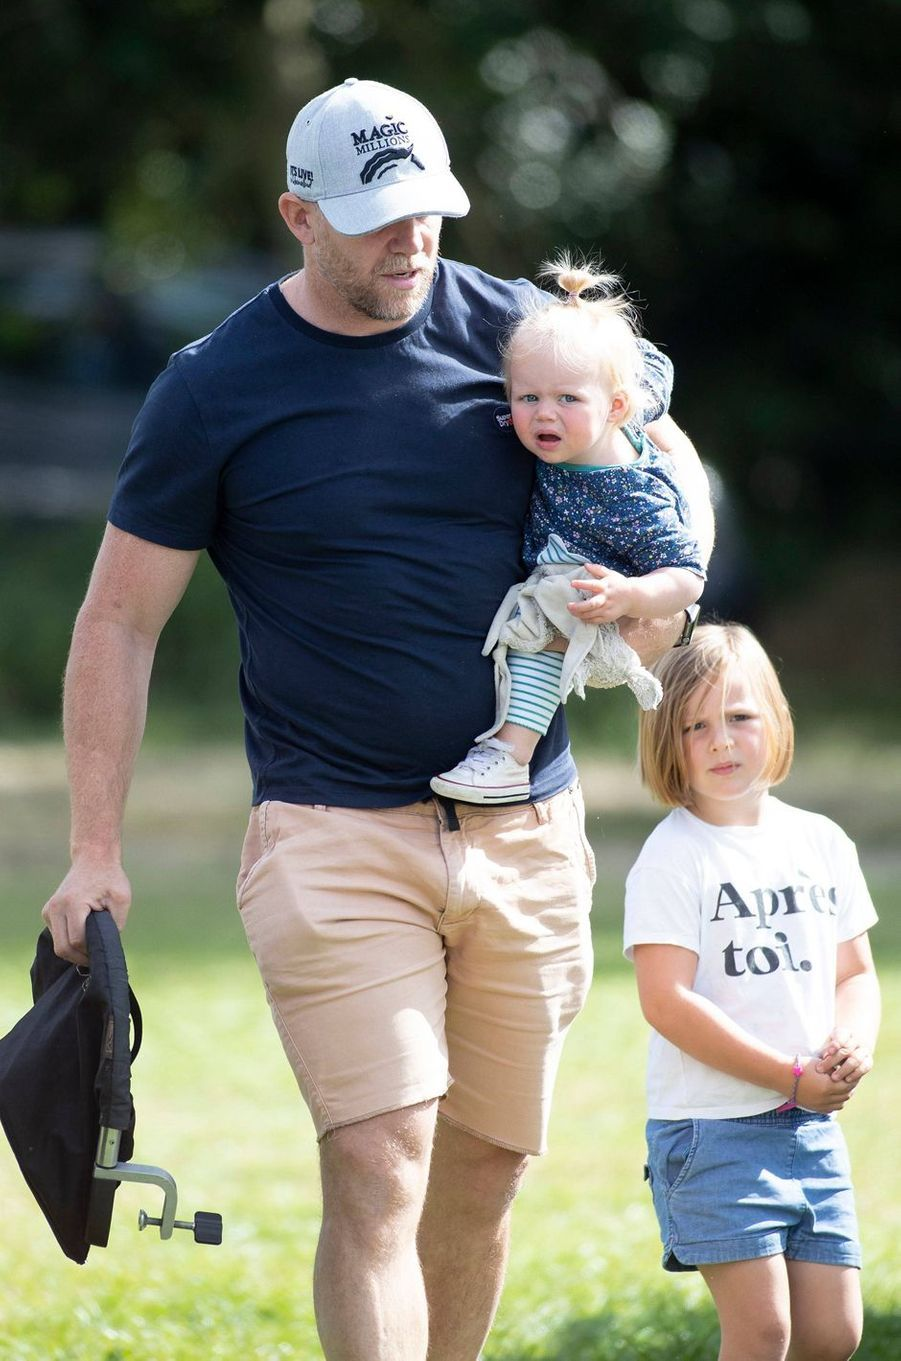 Lena et Mia Phillips, les deux filles de Zara Phillips et Mike Tindall, avec celui-ci, le 15 septembre 2019